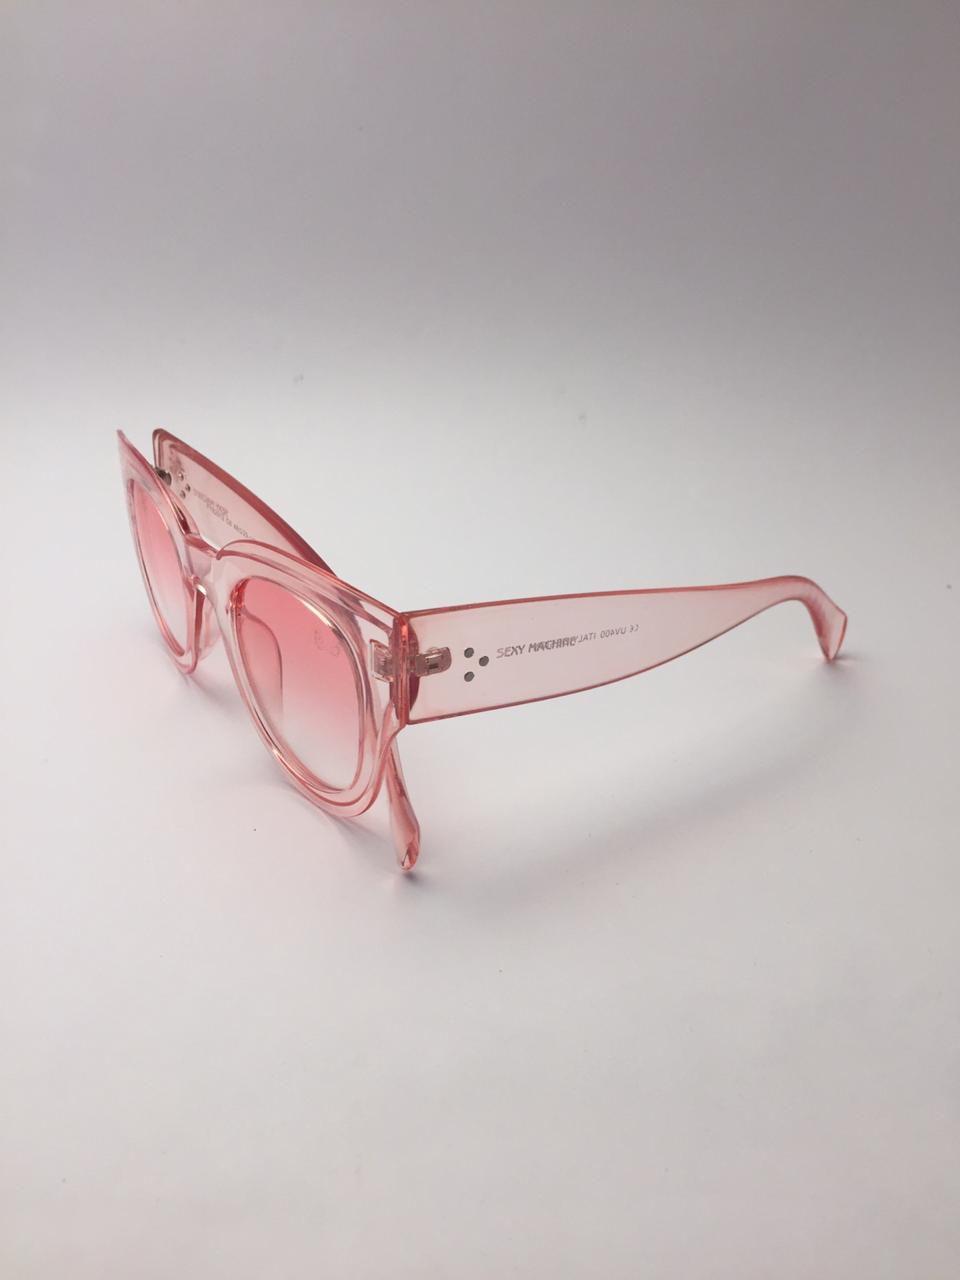 Óculos de Sol Sexy Machine Molokai